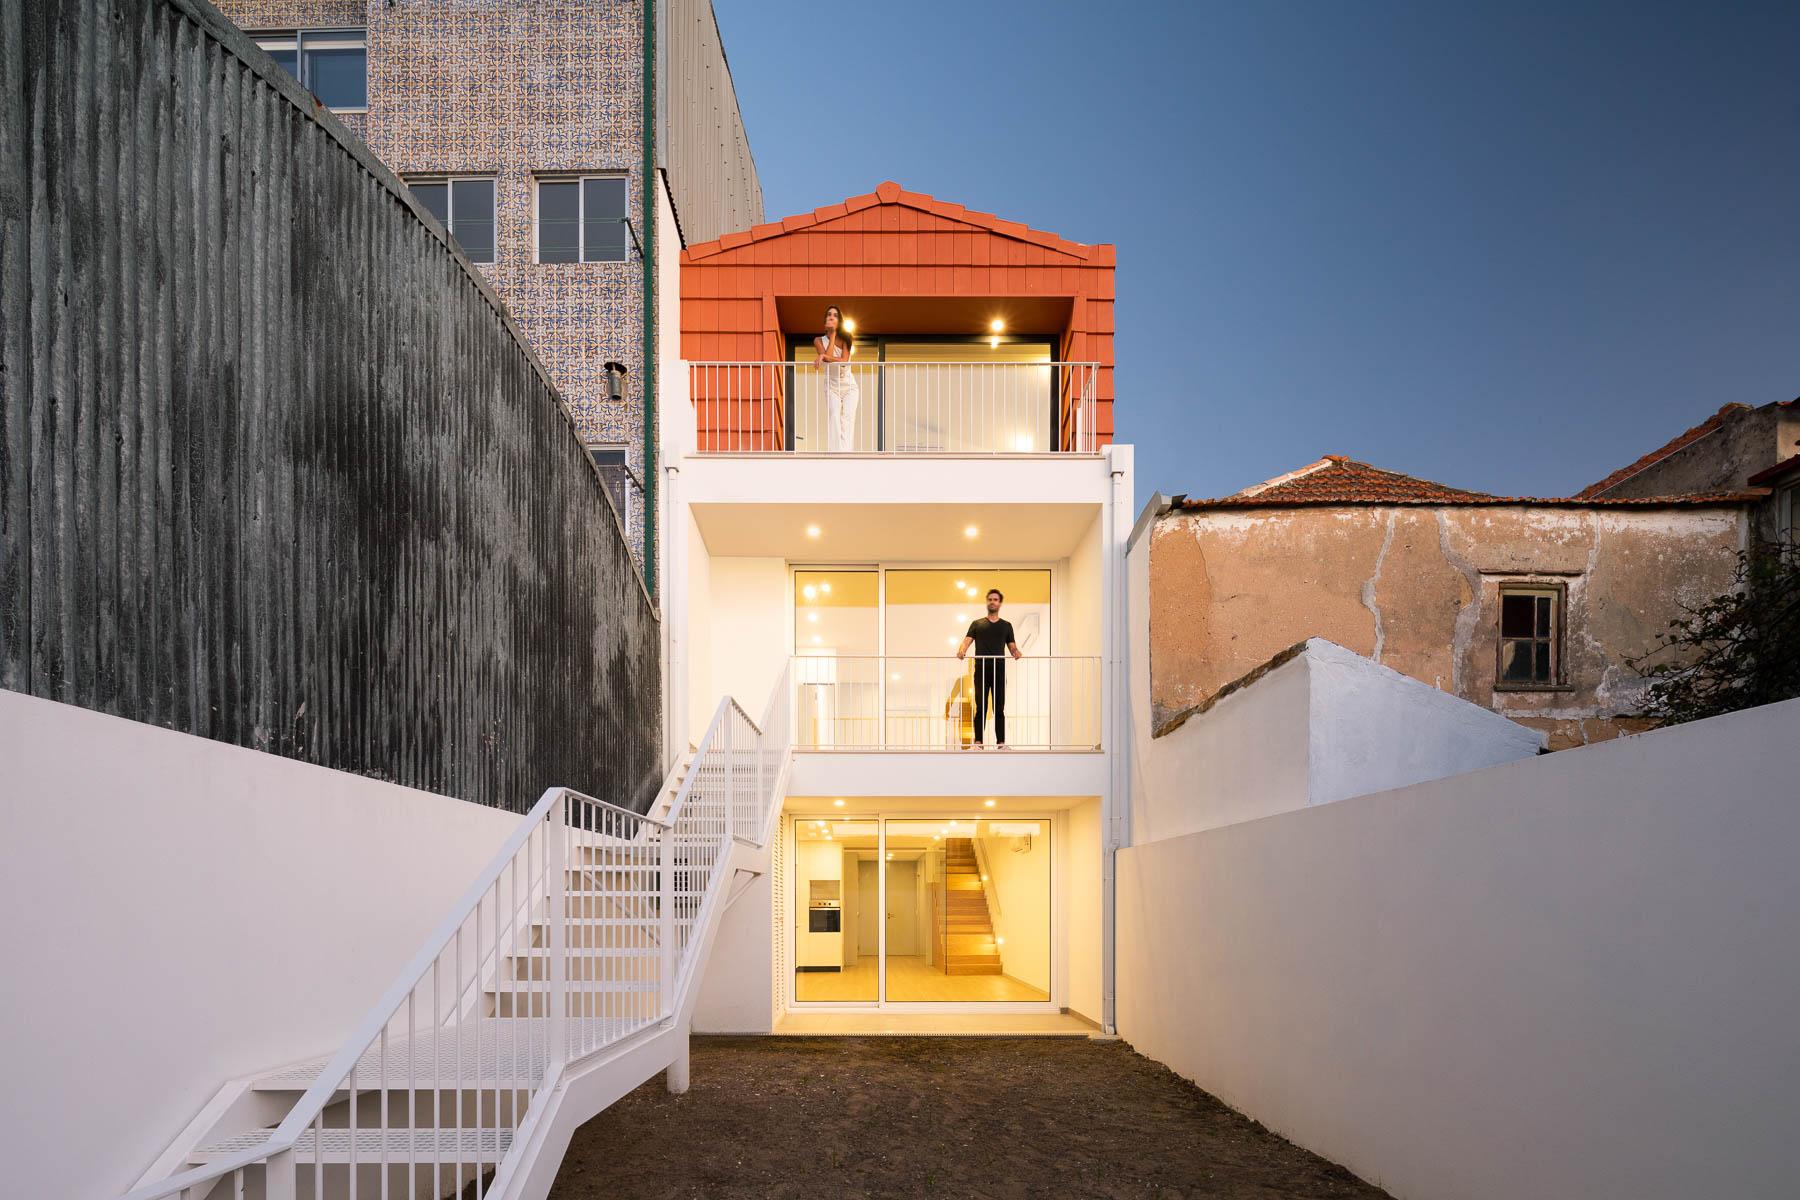 Predio habitacional na Rua Bartolomeu em Aveiro do atelier de ar